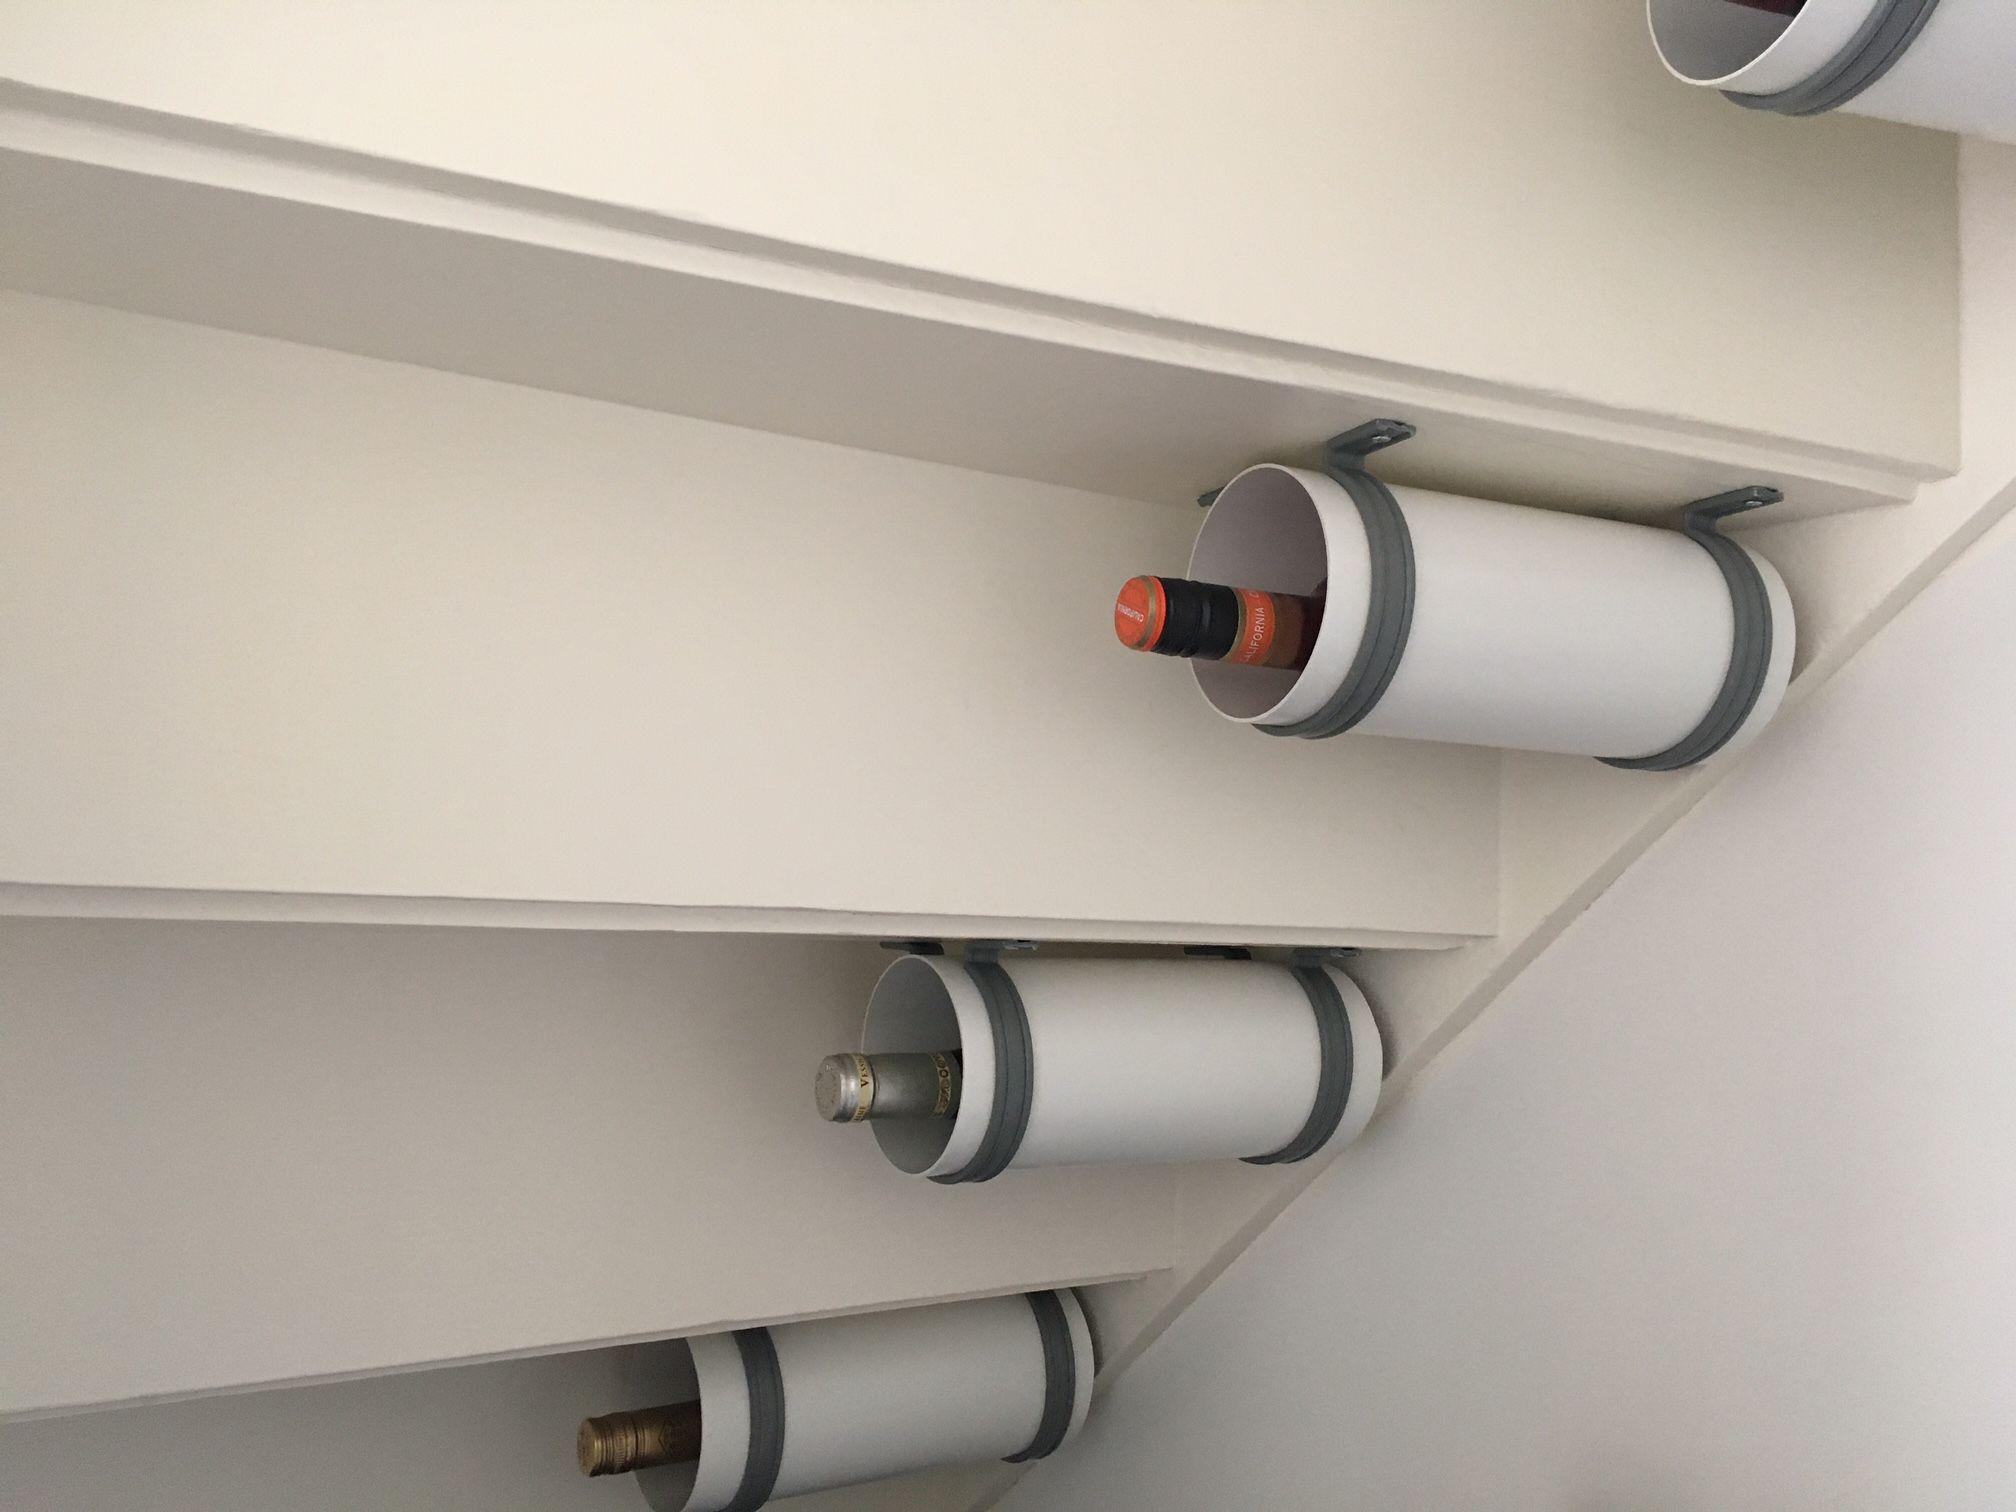 loze ruimte onder de trap benut wijnhouders gemaakt dmv witte pvc